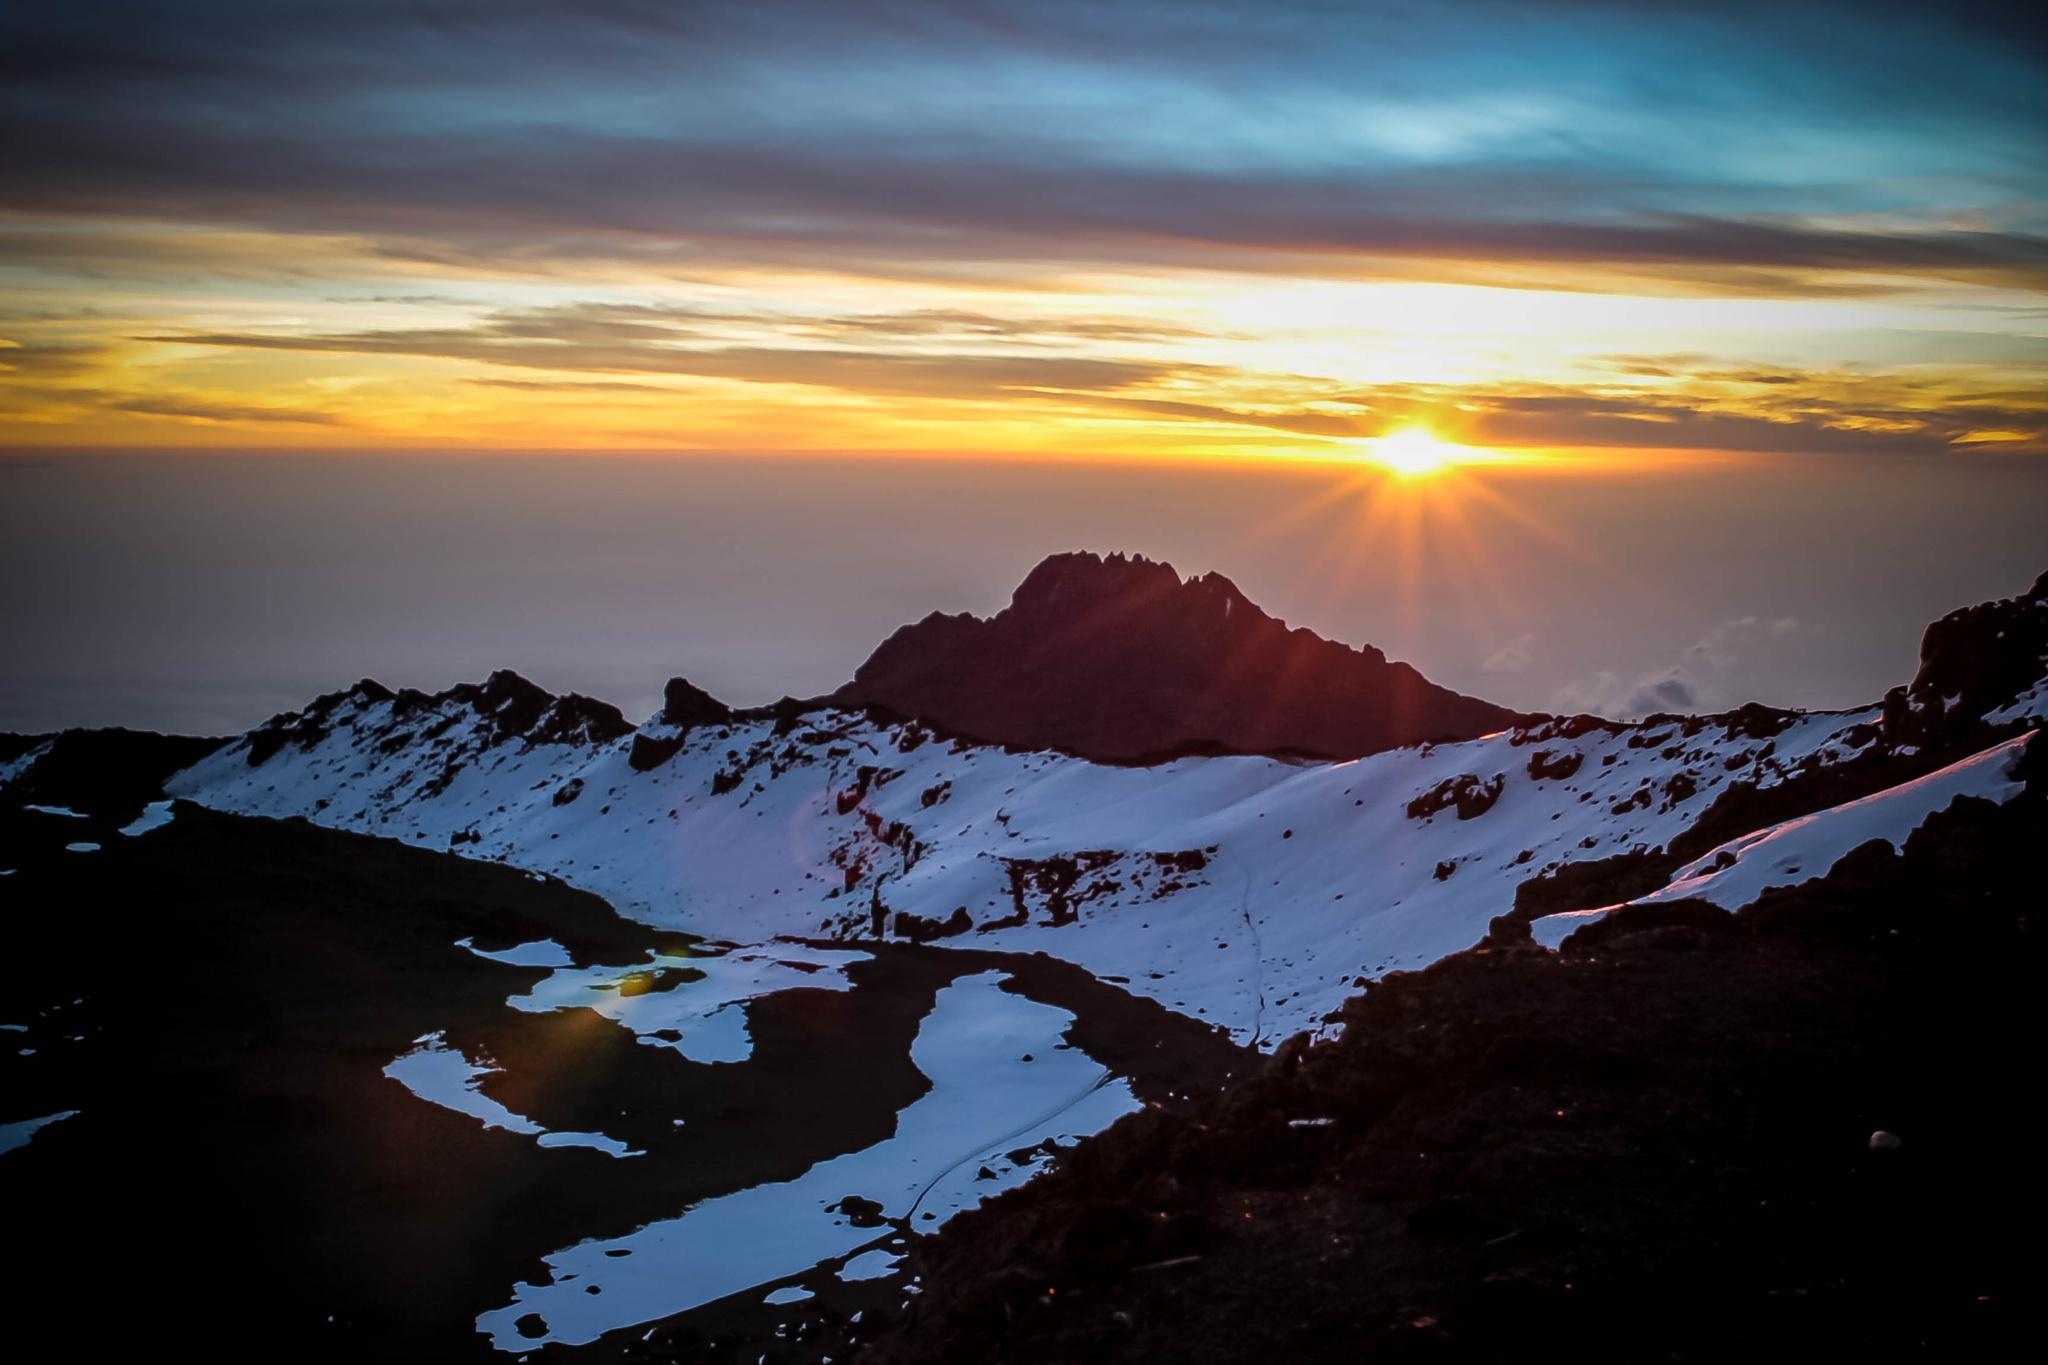 Sunrise @ Kilimanjaro Peak by ashish